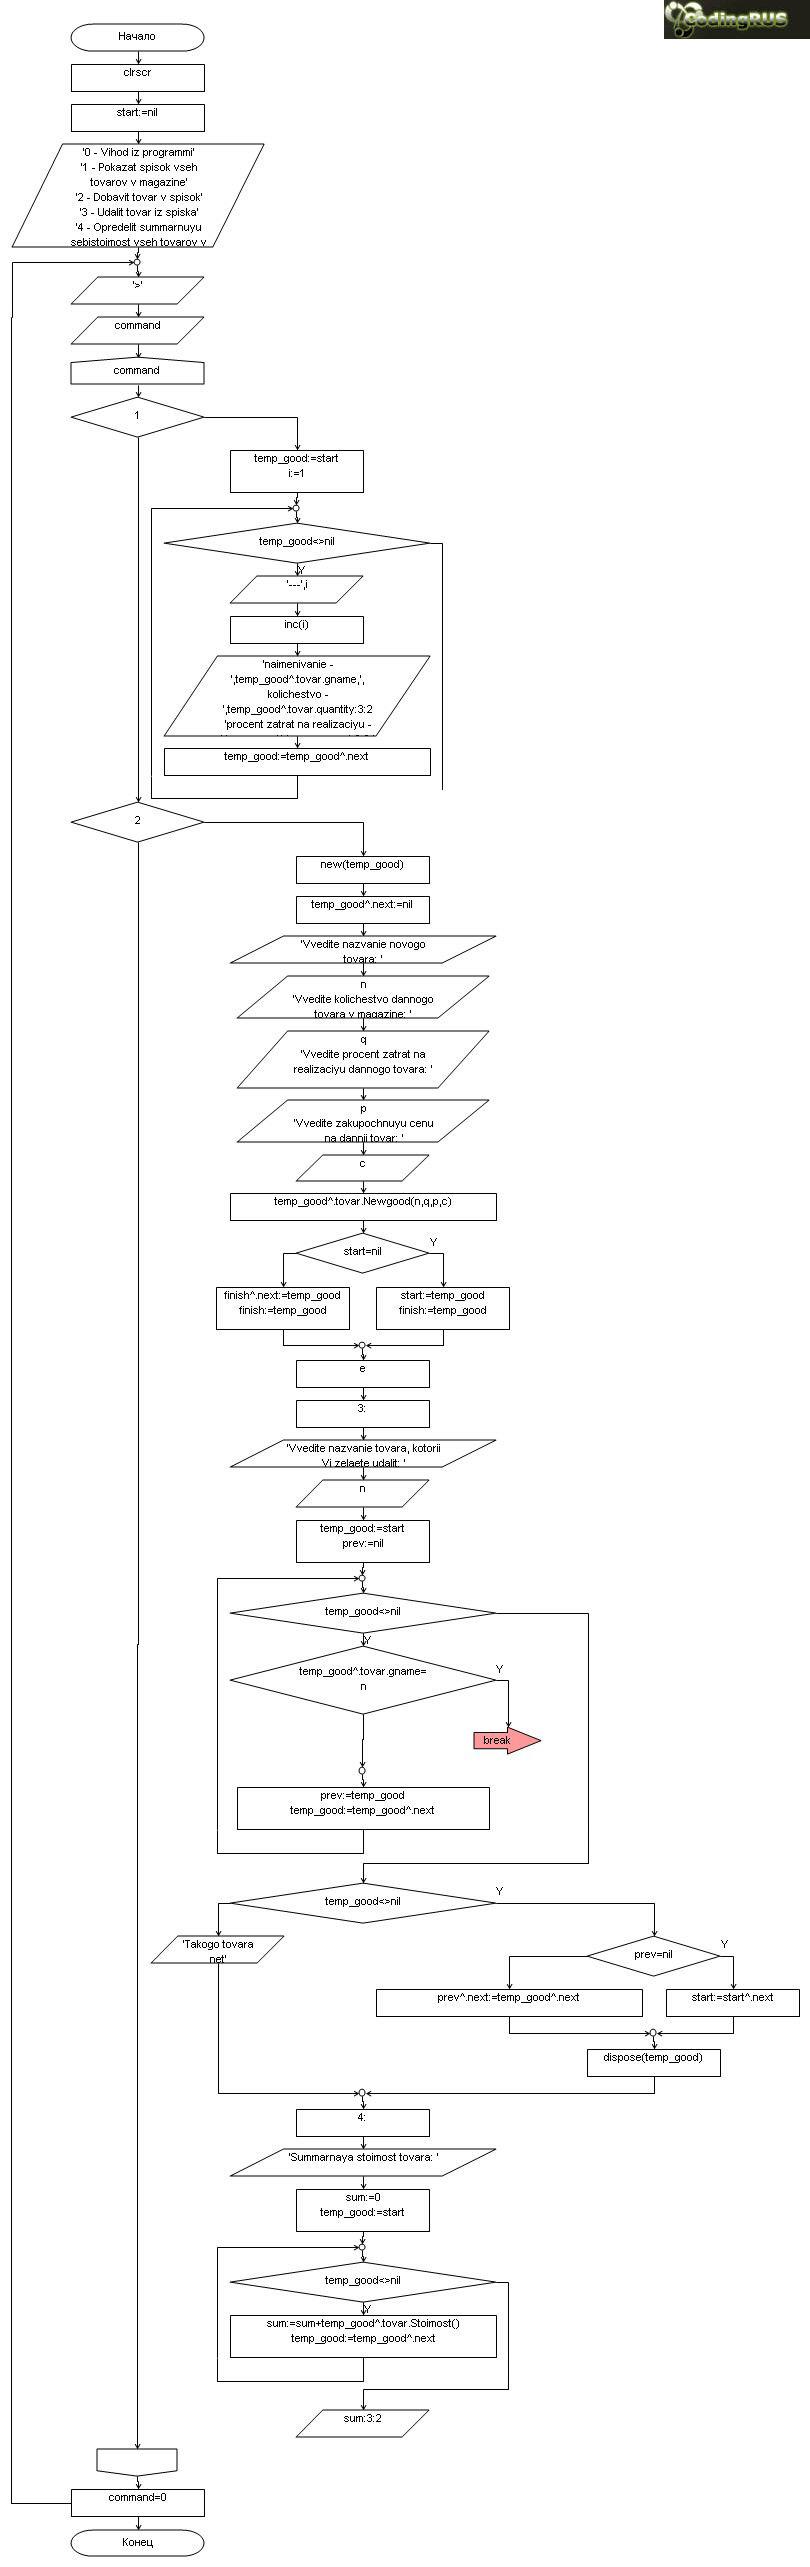 Описать объект, включающий заданные поля и методы